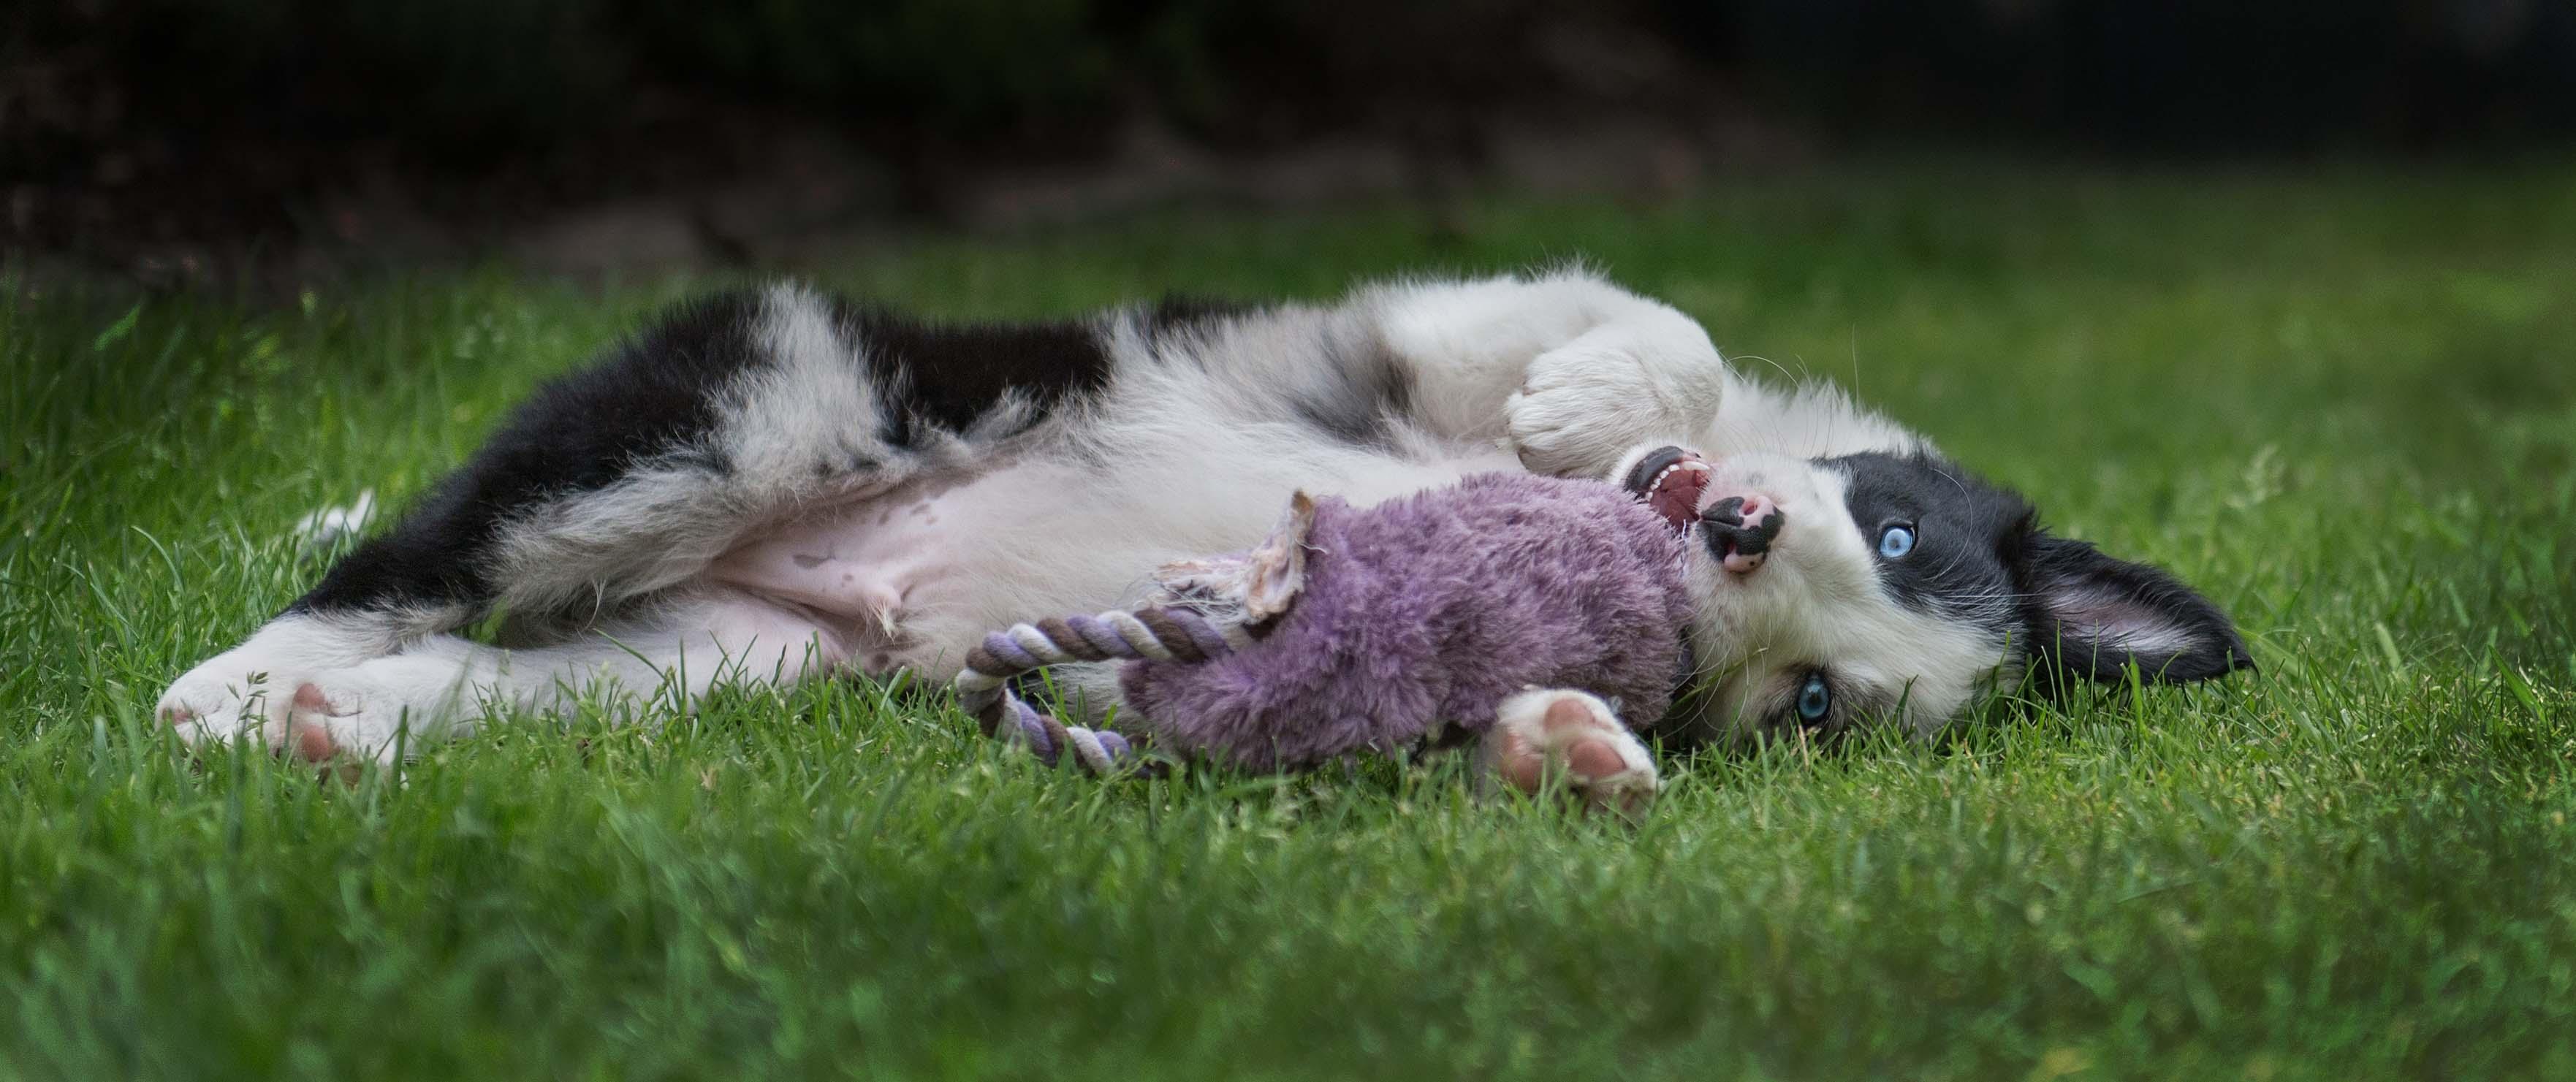 Cute Puppy.jpg